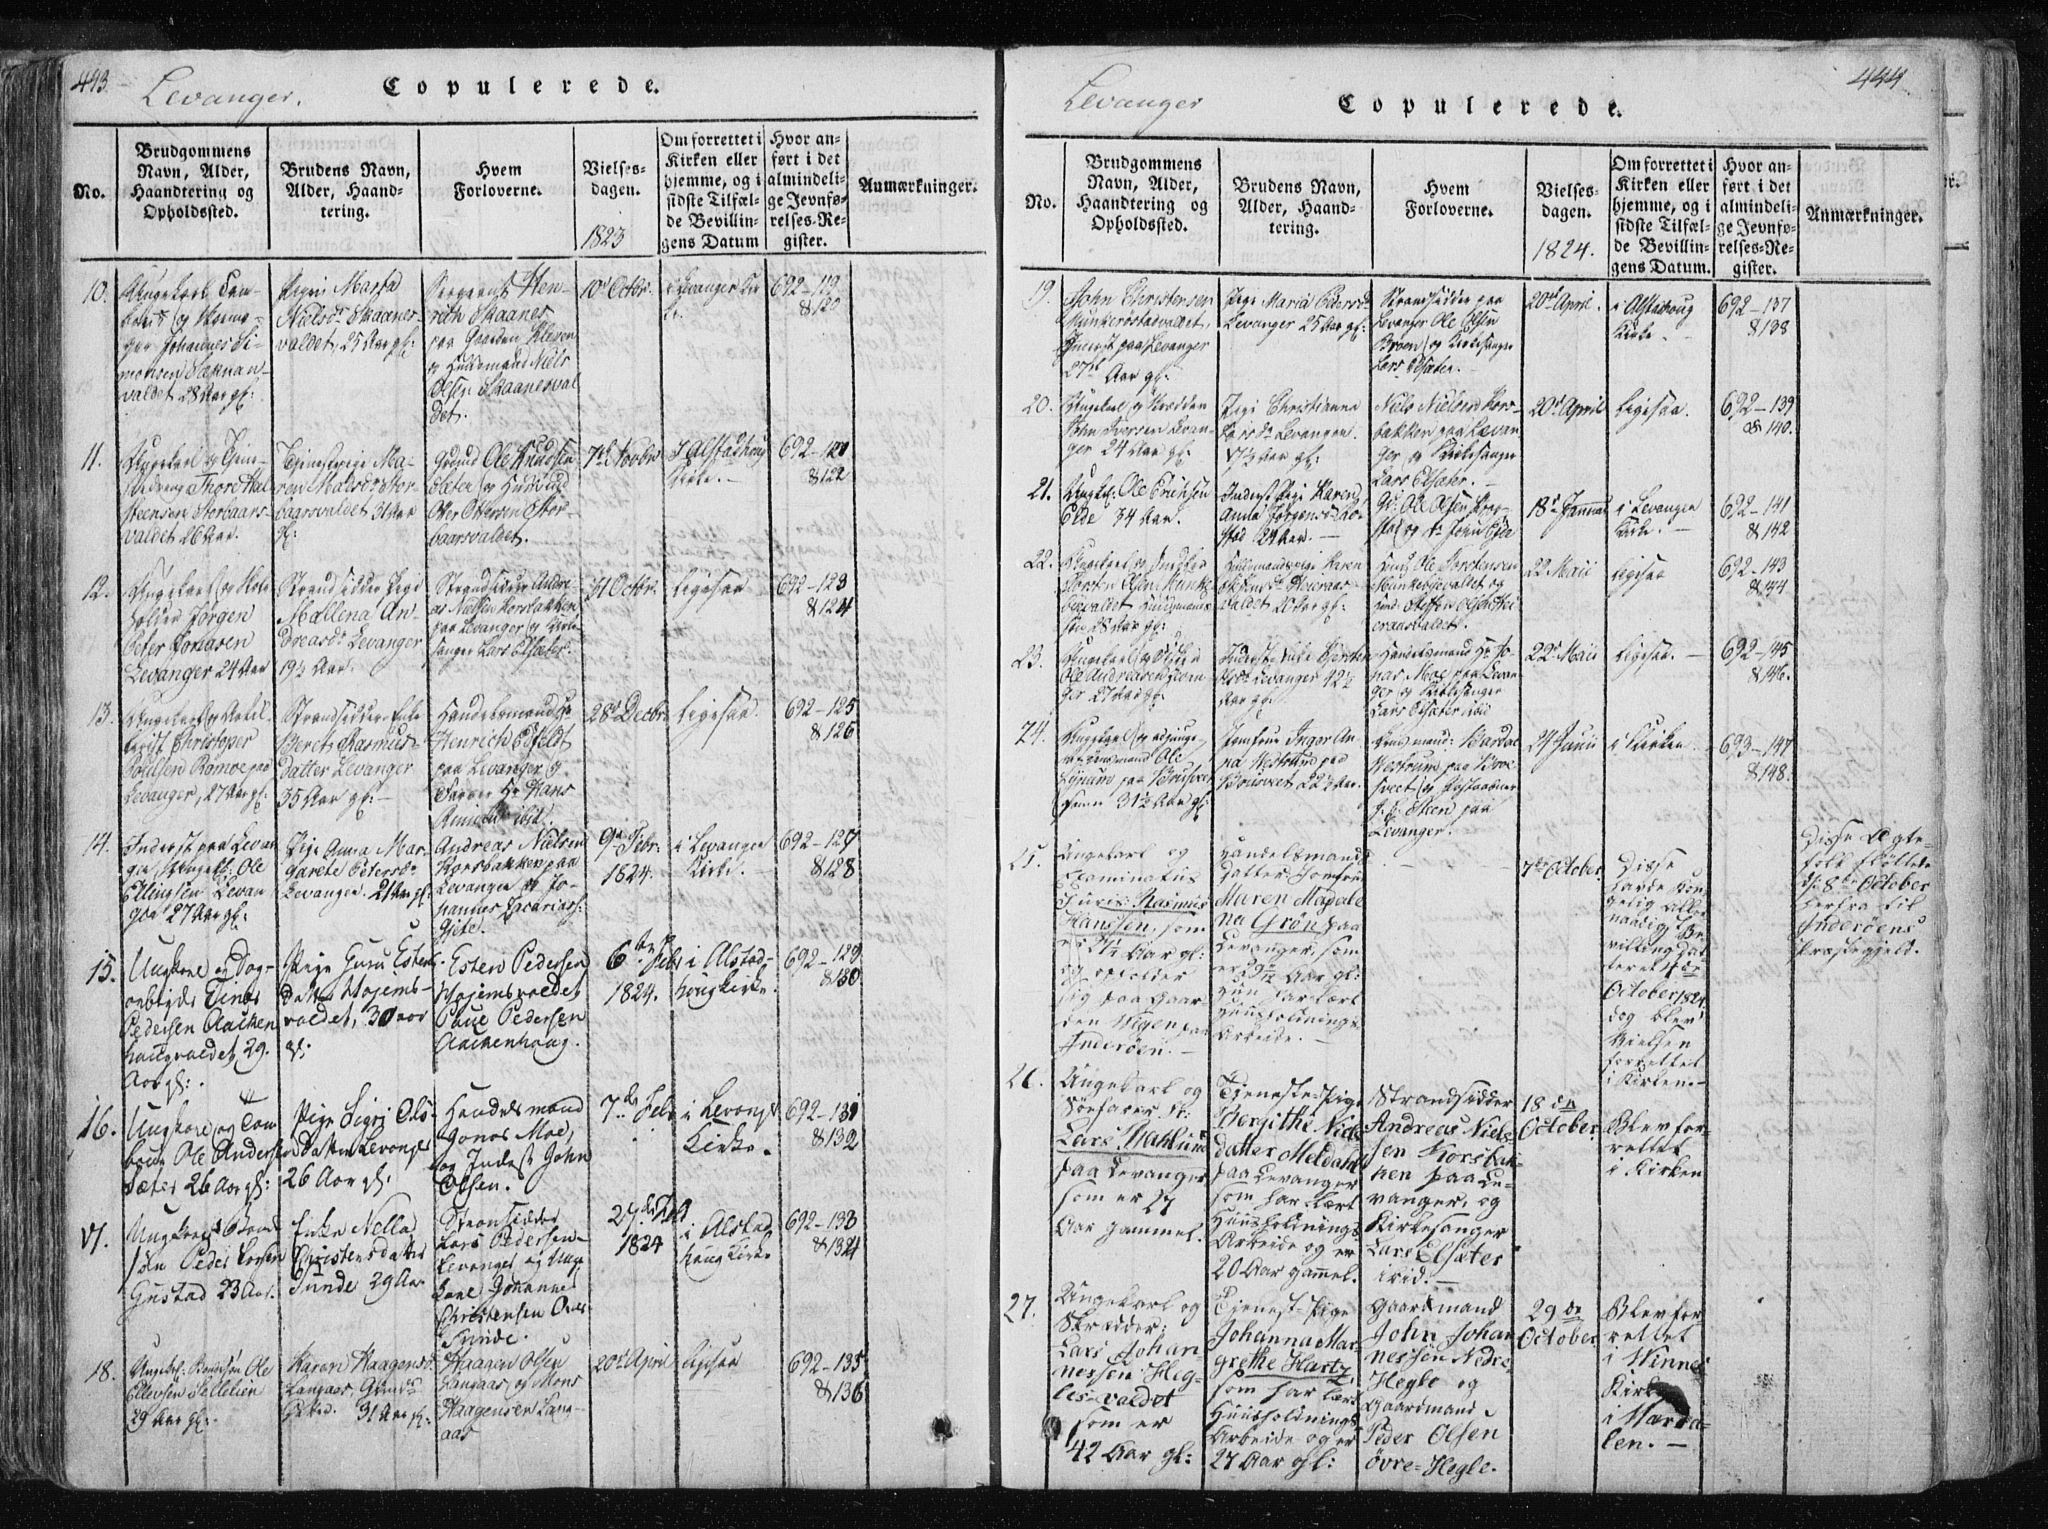 SAT, Ministerialprotokoller, klokkerbøker og fødselsregistre - Nord-Trøndelag, 717/L0148: Ministerialbok nr. 717A04 /2, 1816-1825, s. 443-444